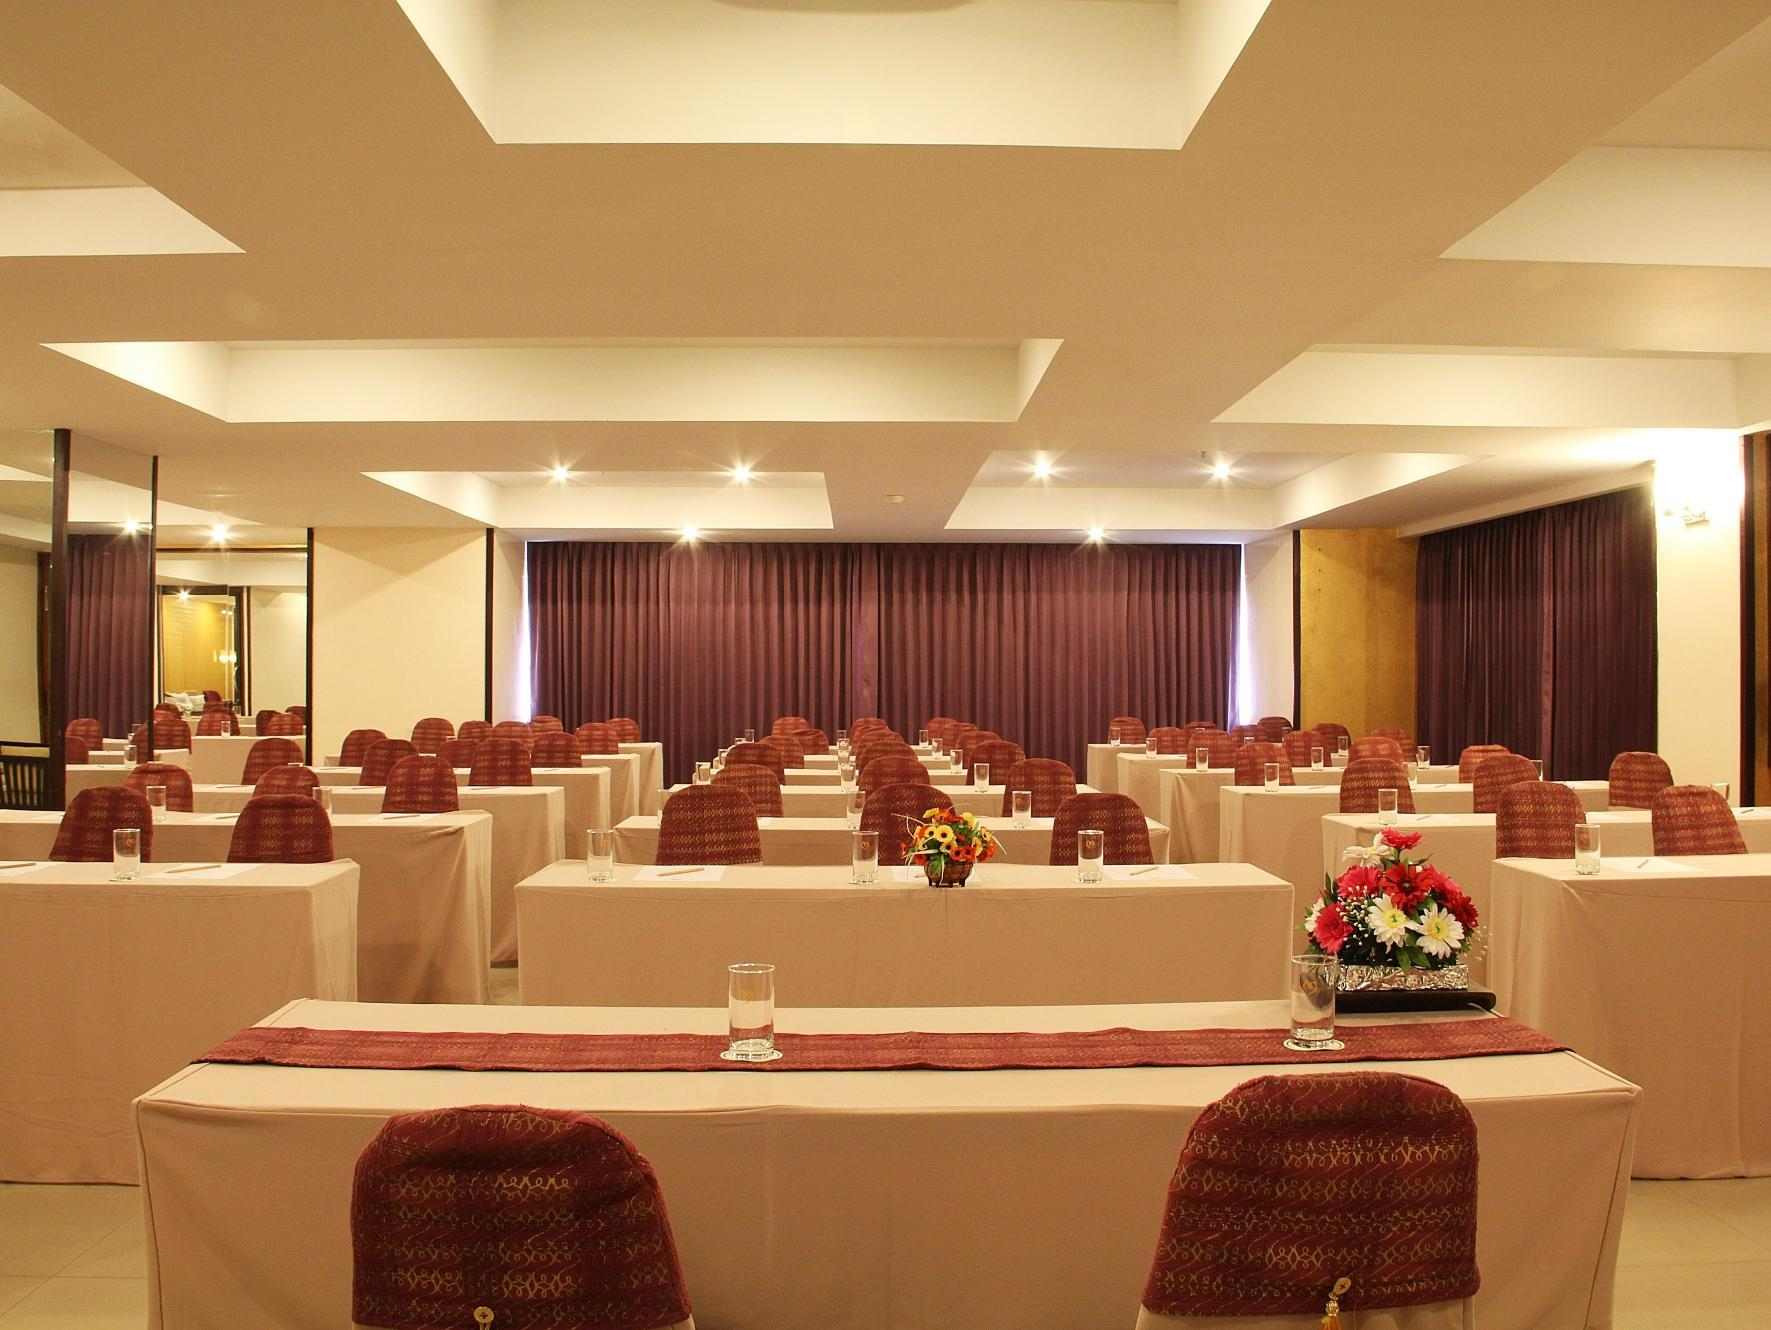 マニナラコーン ホテル14